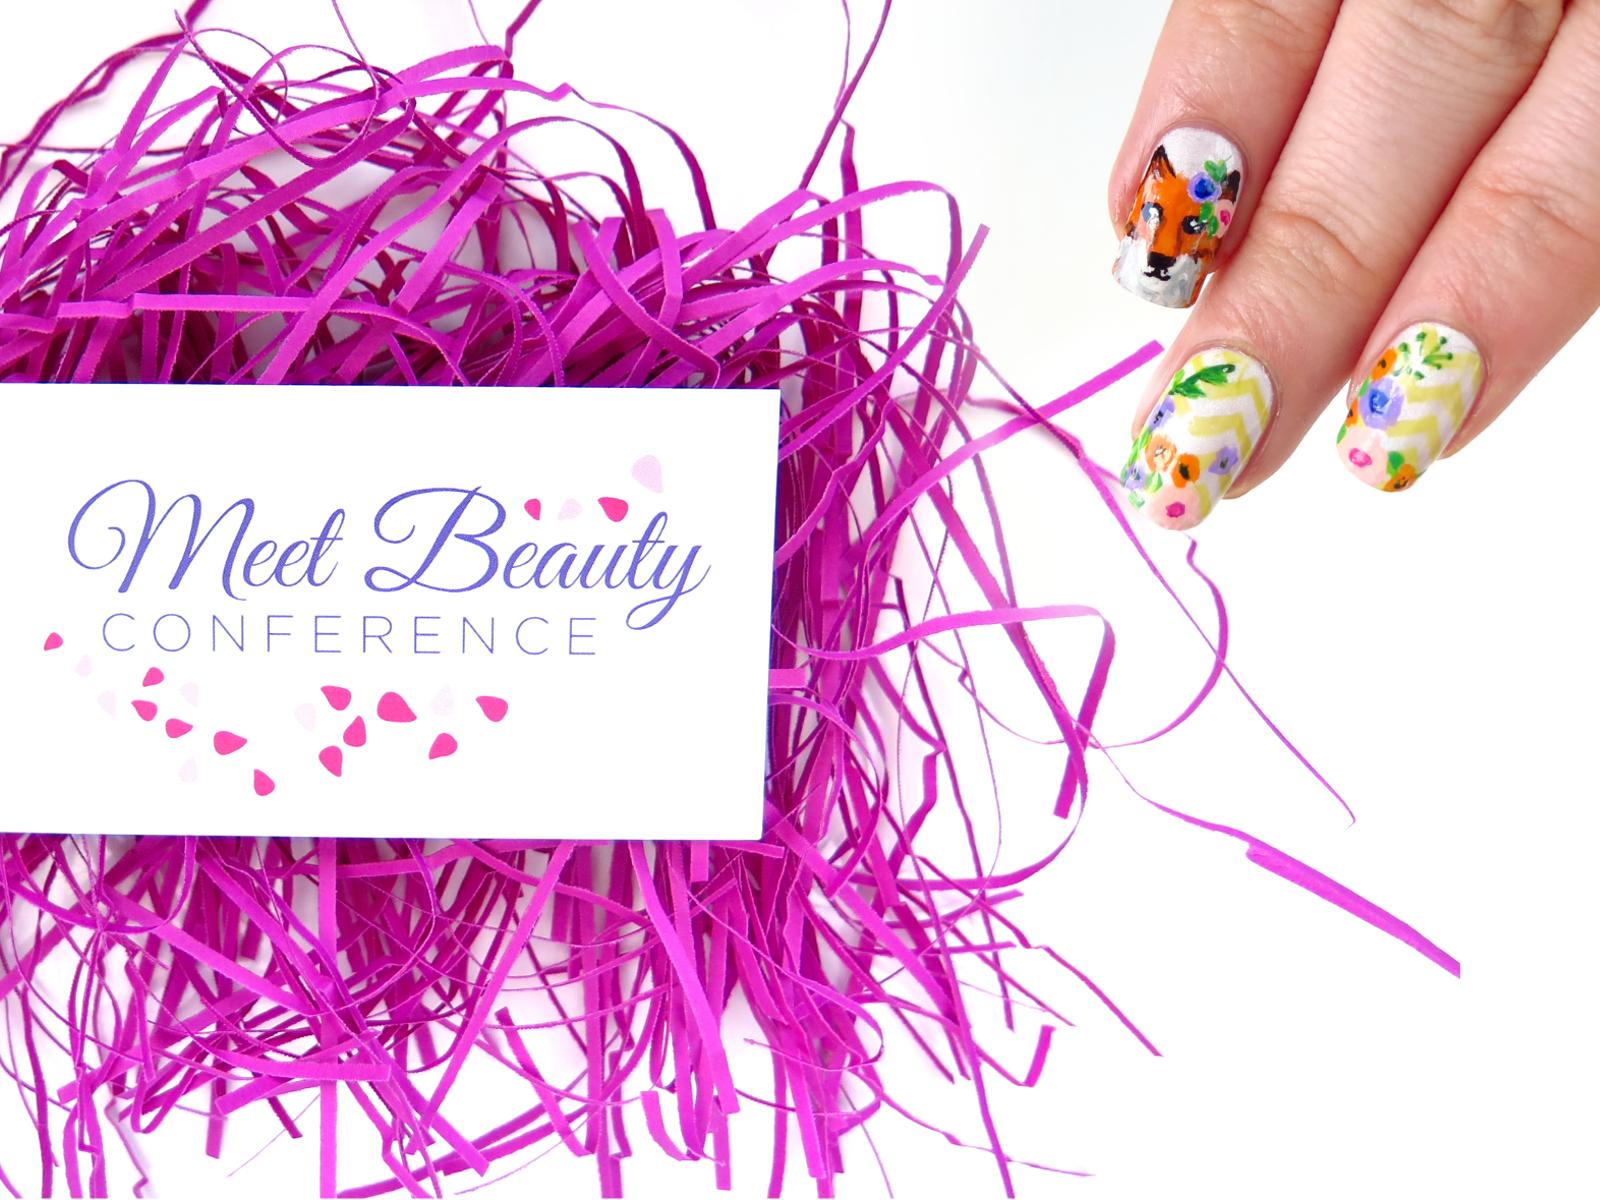 Konferencja Meet Beauty i wiosenne paznokcie z lisem